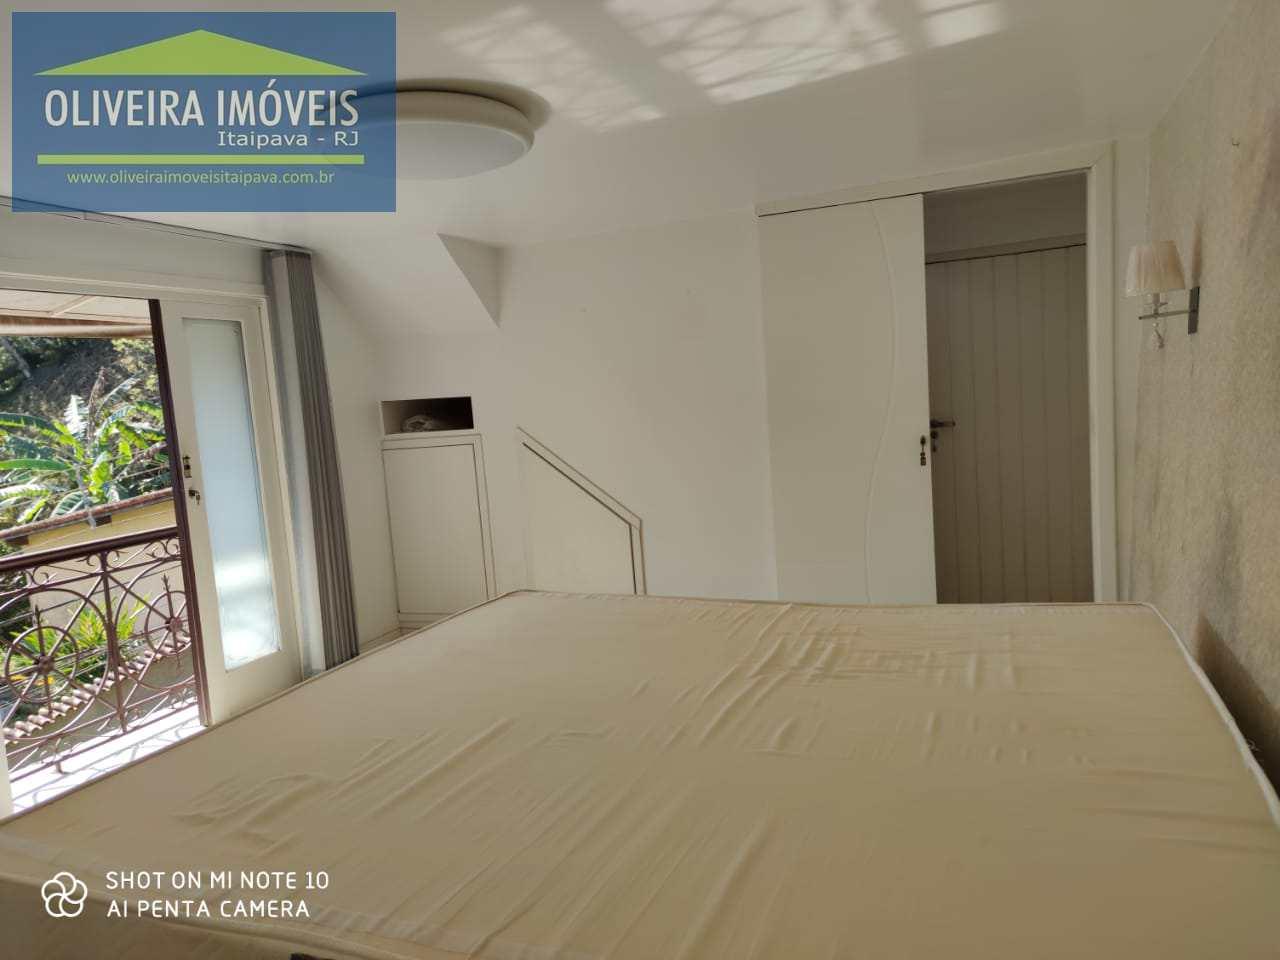 Casa com 2 dorms, Castelanea, Petrópolis - R$ 1.1 mi, Cod: 91